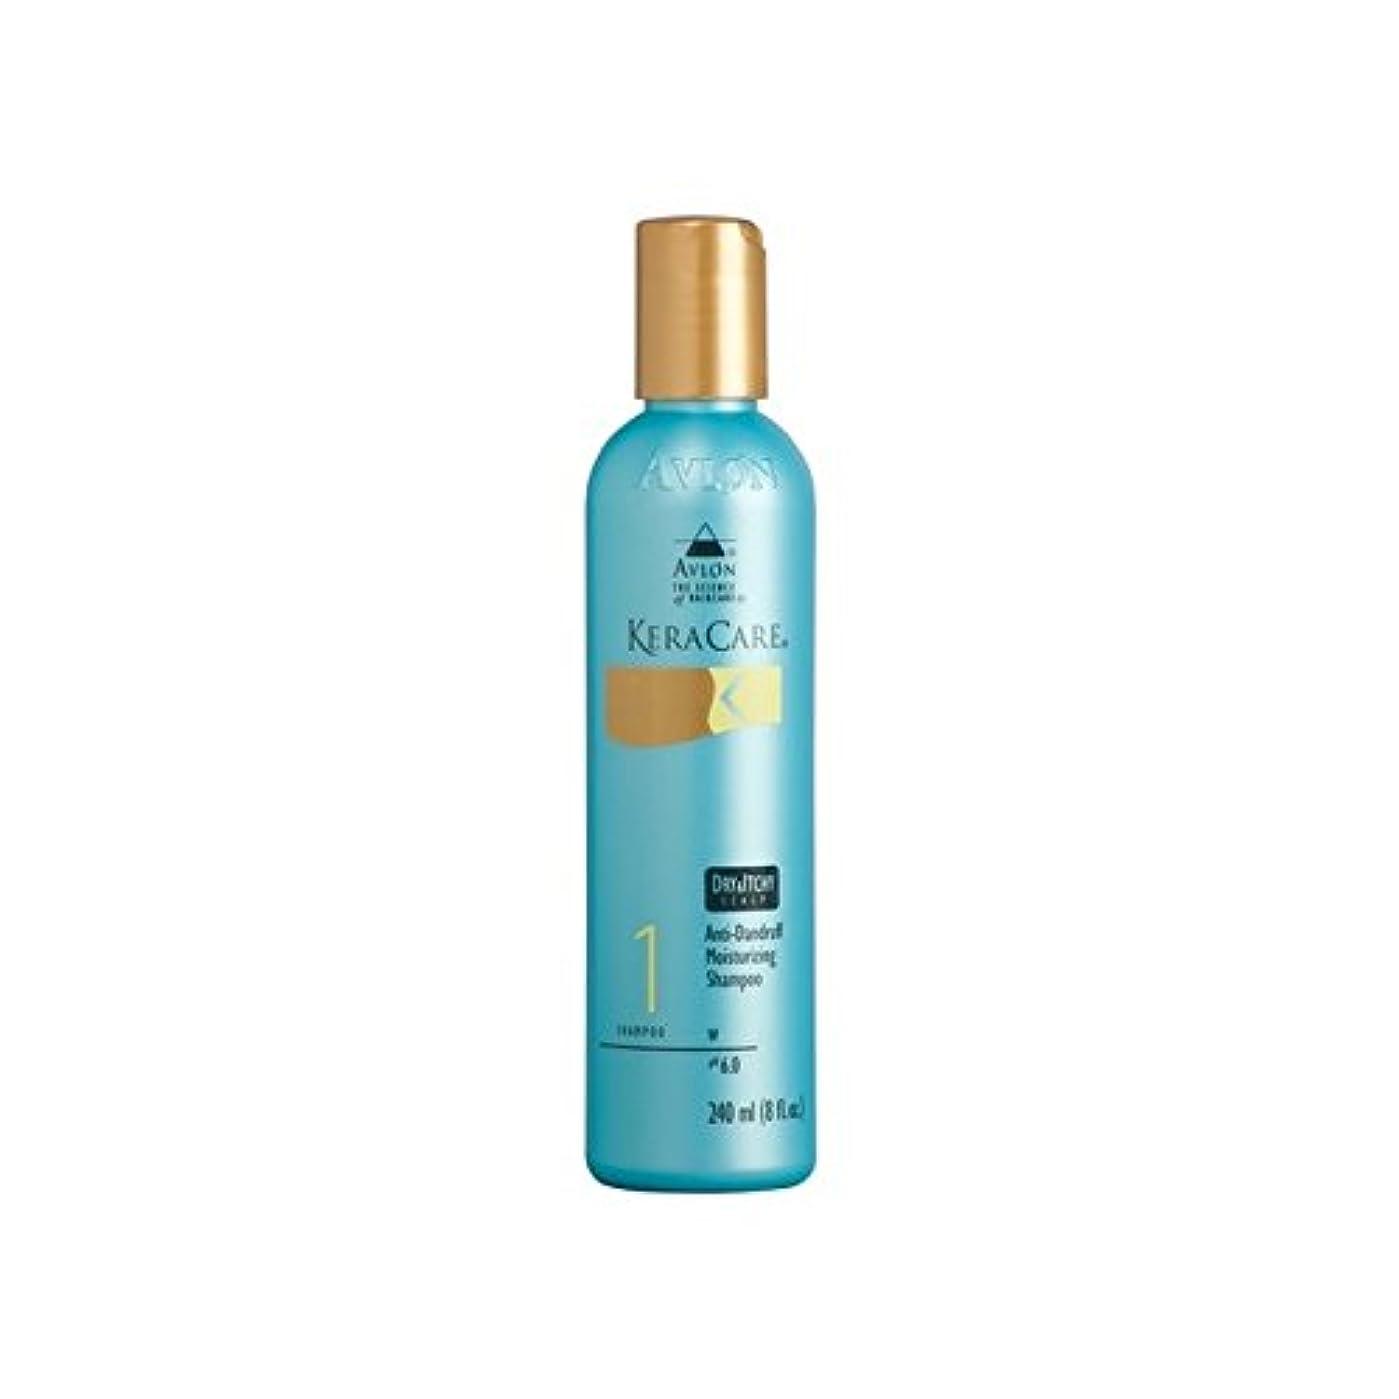 予言する不安礼拝ドライ&かゆみ頭皮シャンプー(240ミリリットル) x4 - Keracare Dry & Itchy Scalp Shampoo (240ml) (Pack of 4) [並行輸入品]